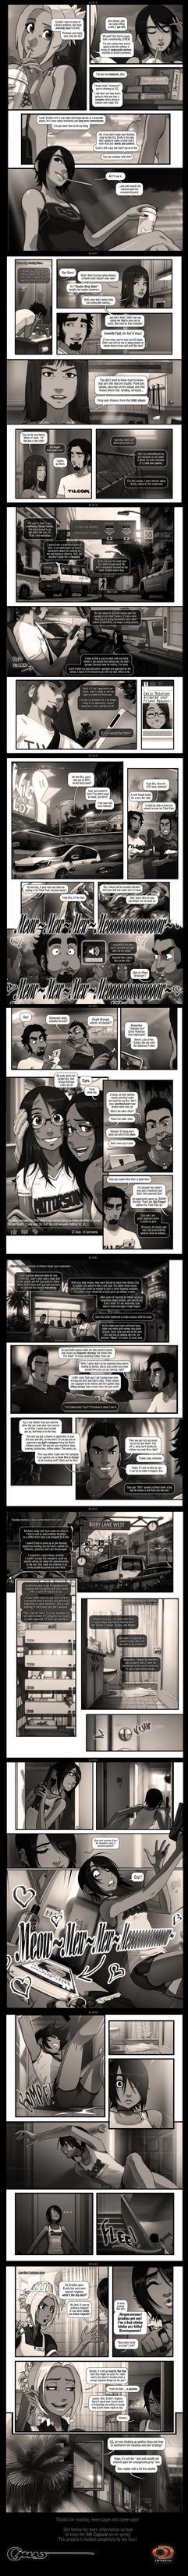 5th Capsule - pg 41-50 by Omar-Dogan